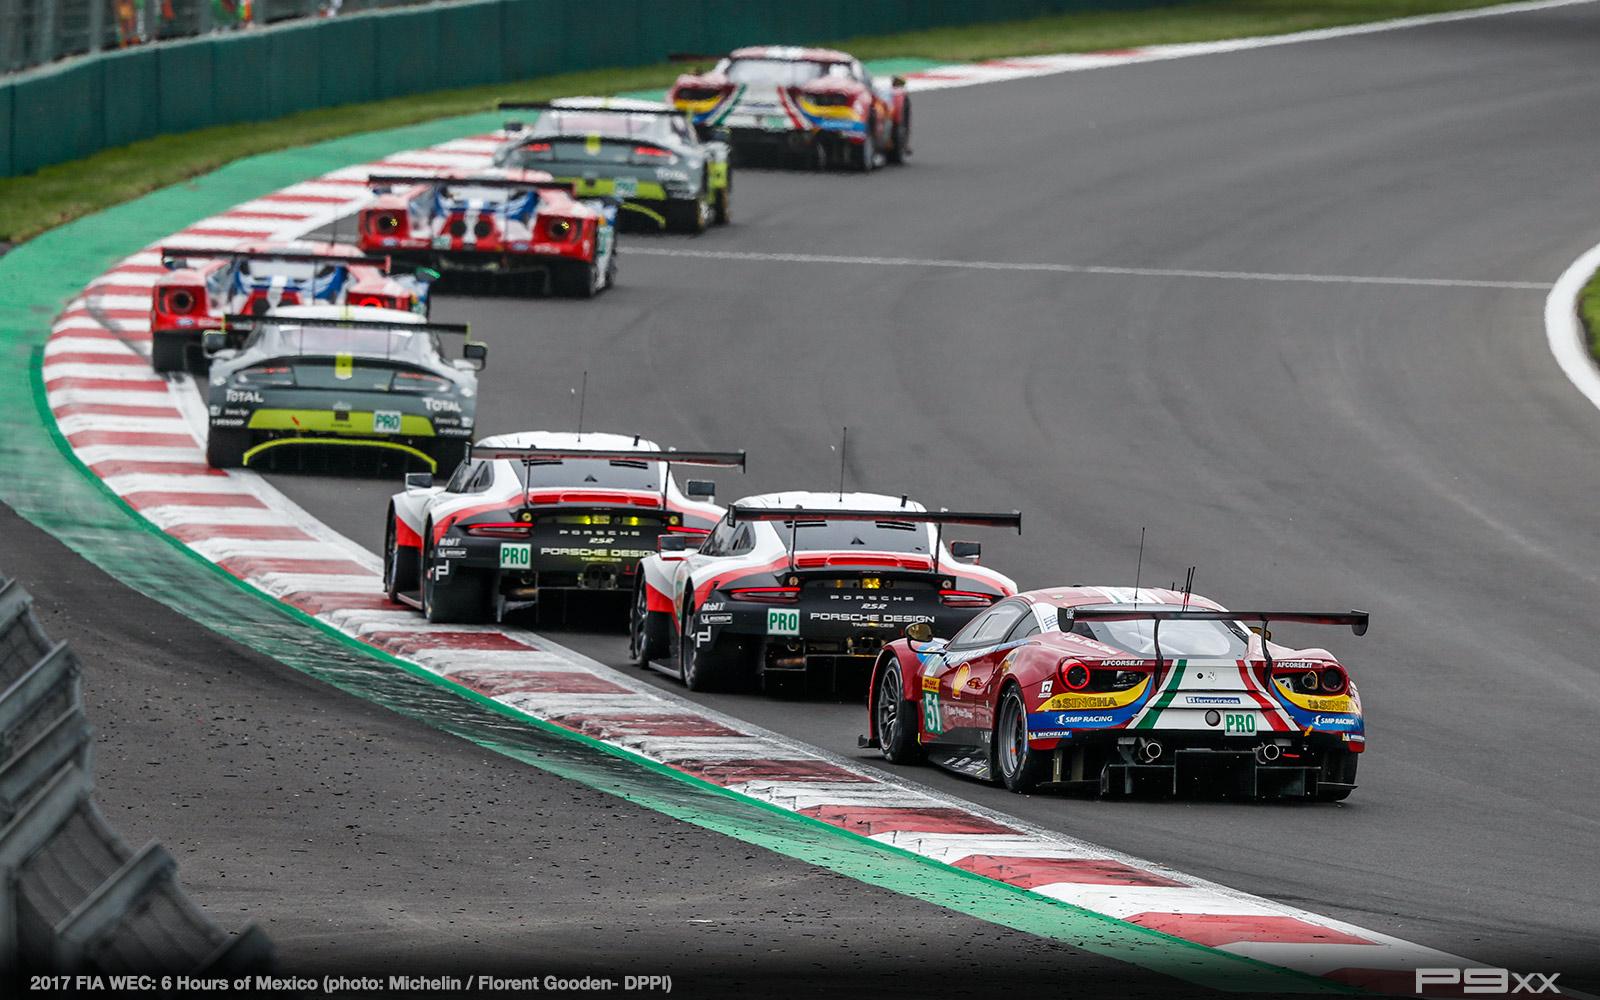 2017-FIA-WEC-6-HOURS-MEXICO-PORSCHE-exico_02117008__GDN49871206